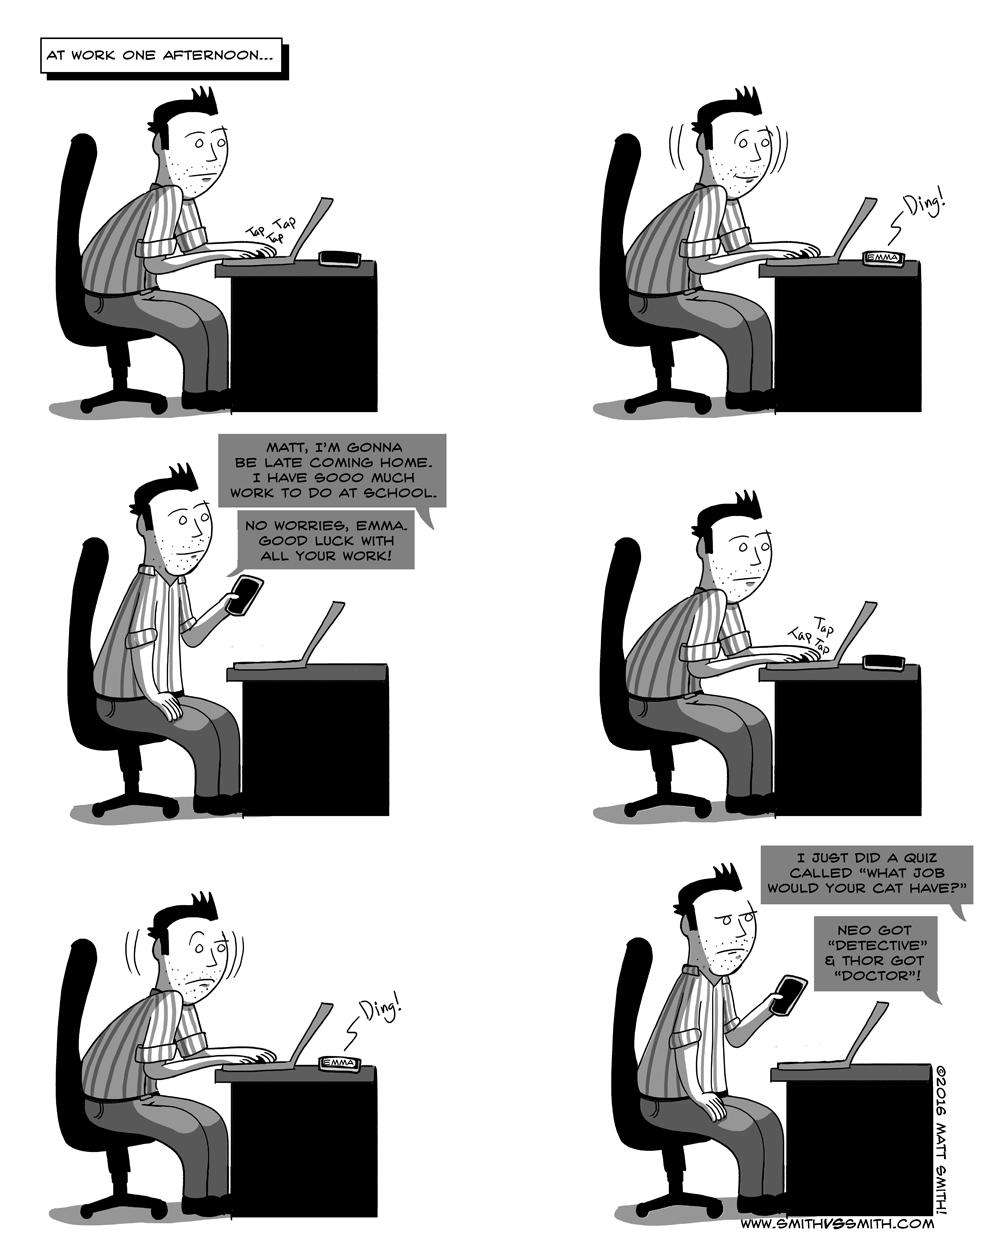 jobforcats